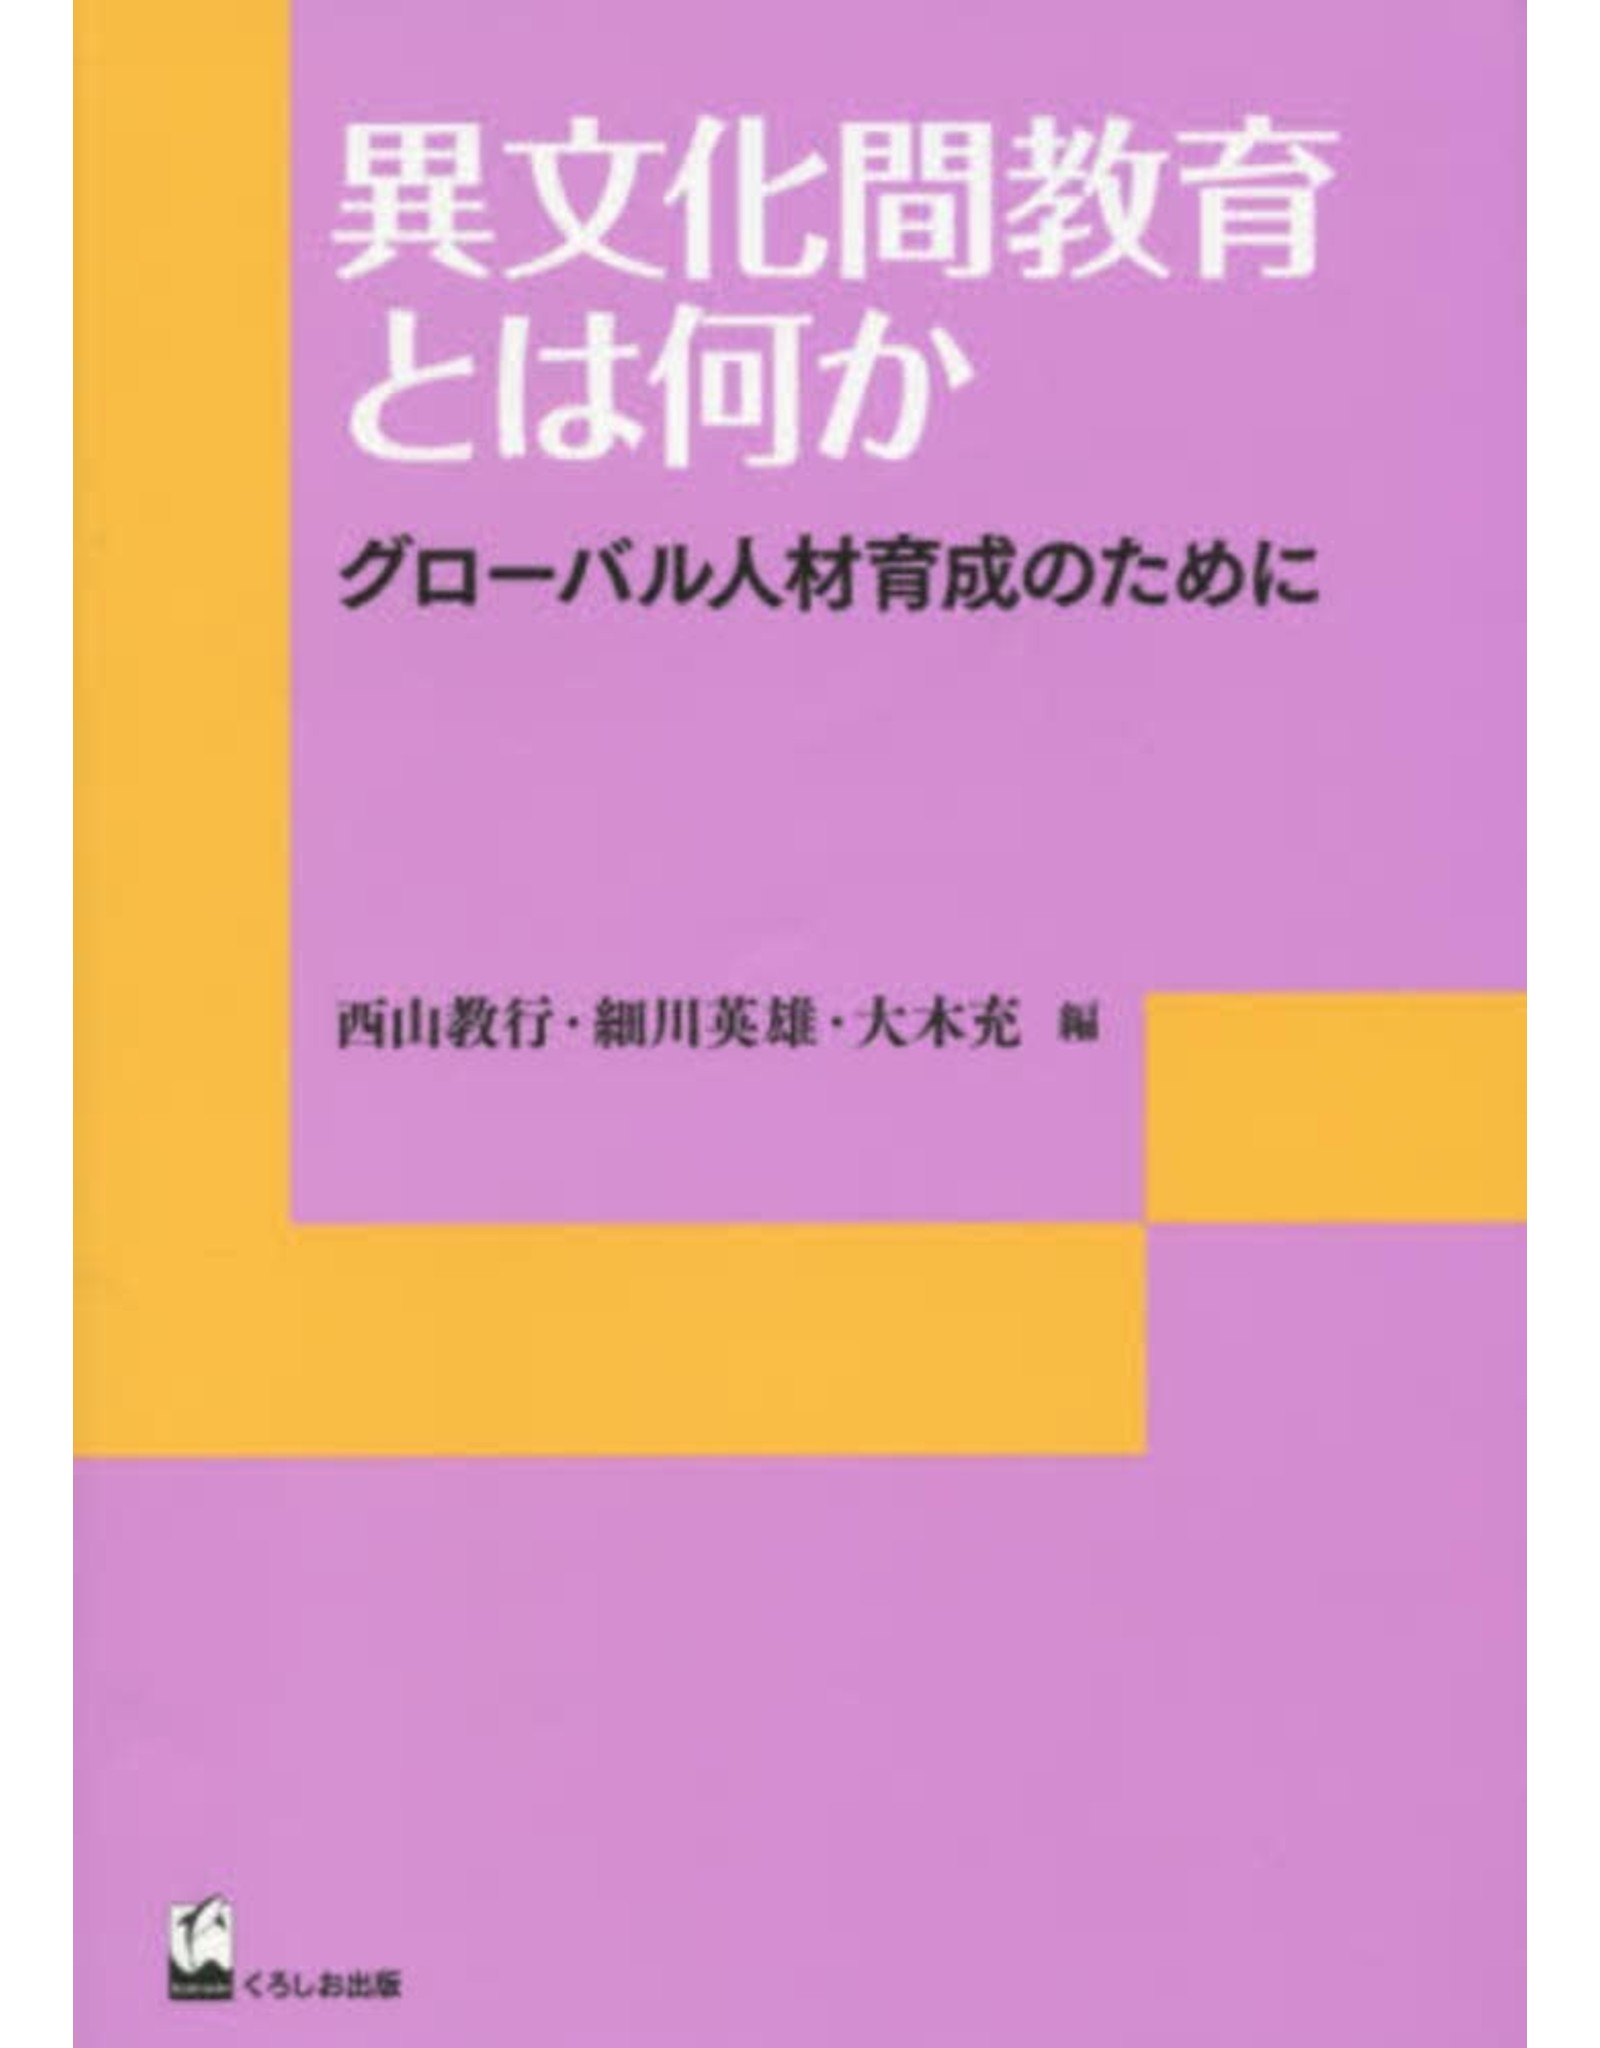 KUROSHIO IBUNKA KYOIKU TOHA NANIKA